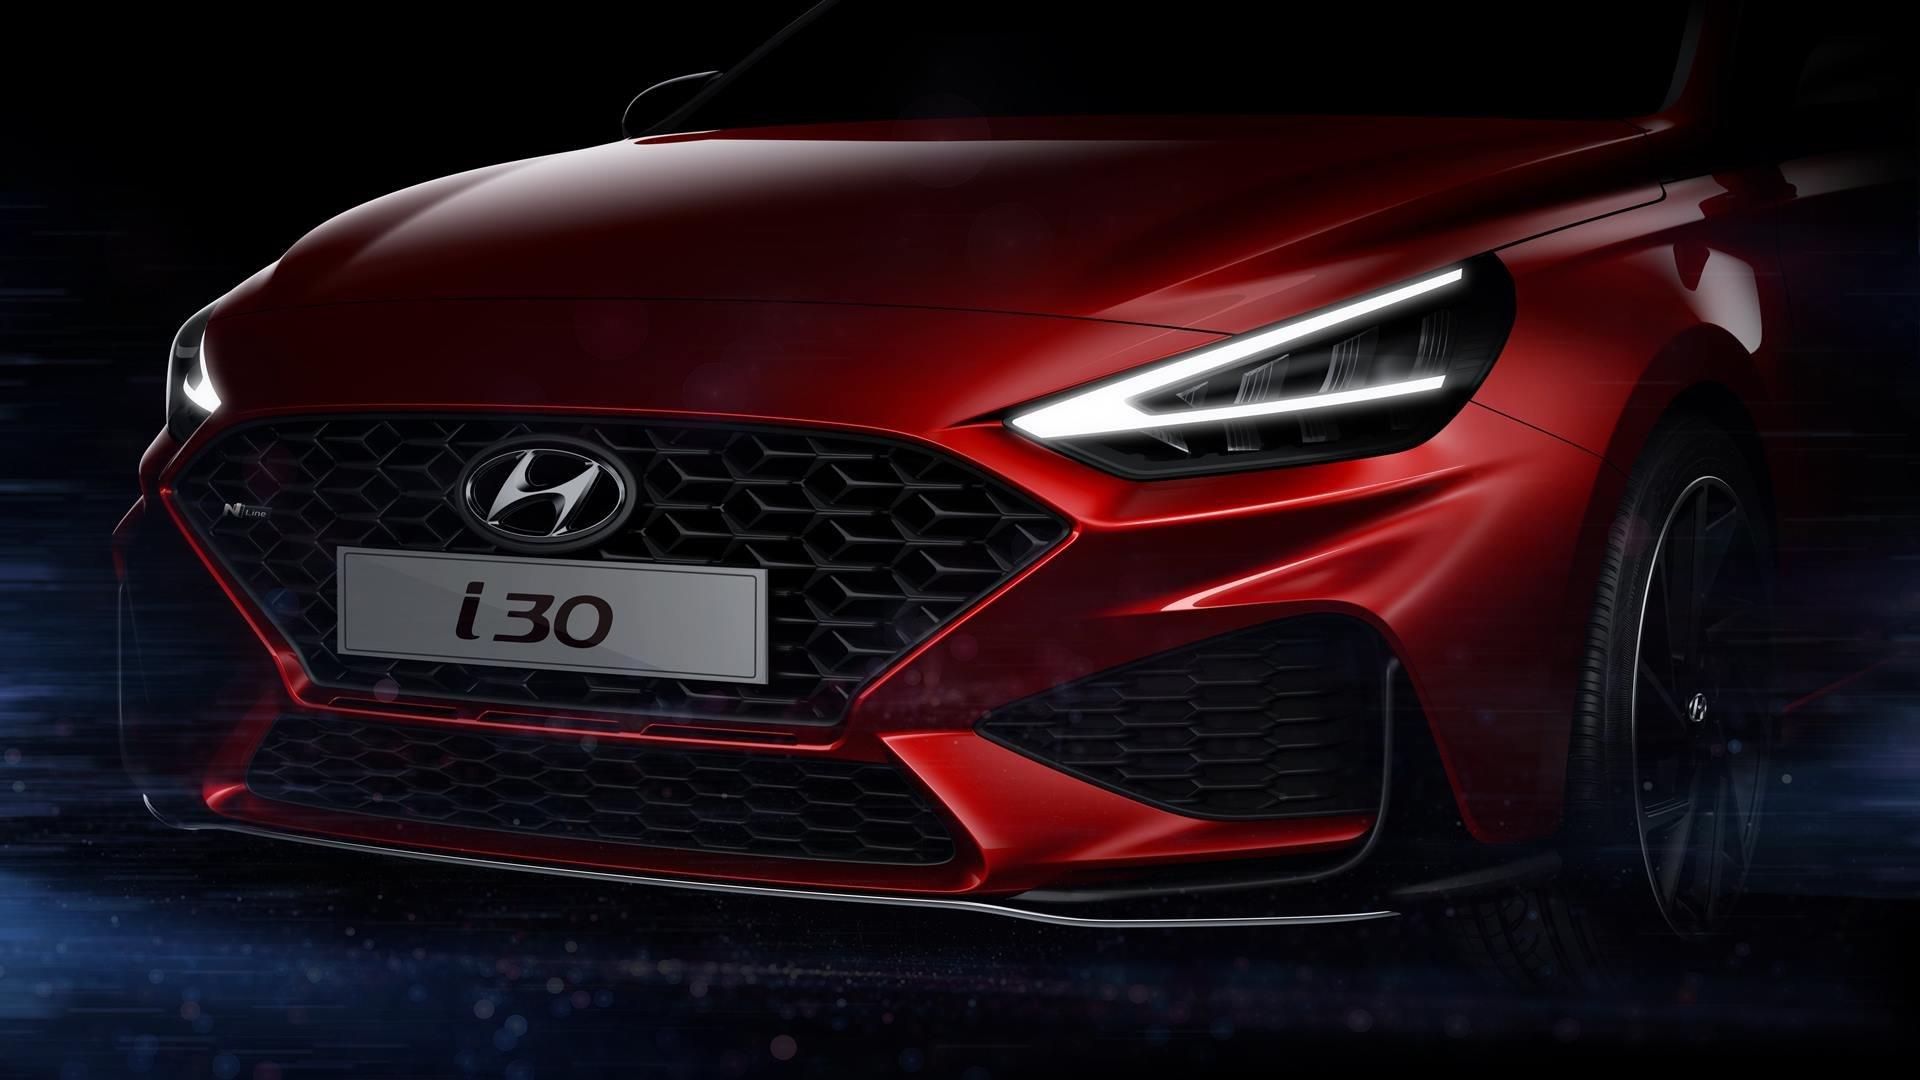 Hyundai na autosalonu v Ženevě představí nové generace i20 a i30 - anotační obrázek